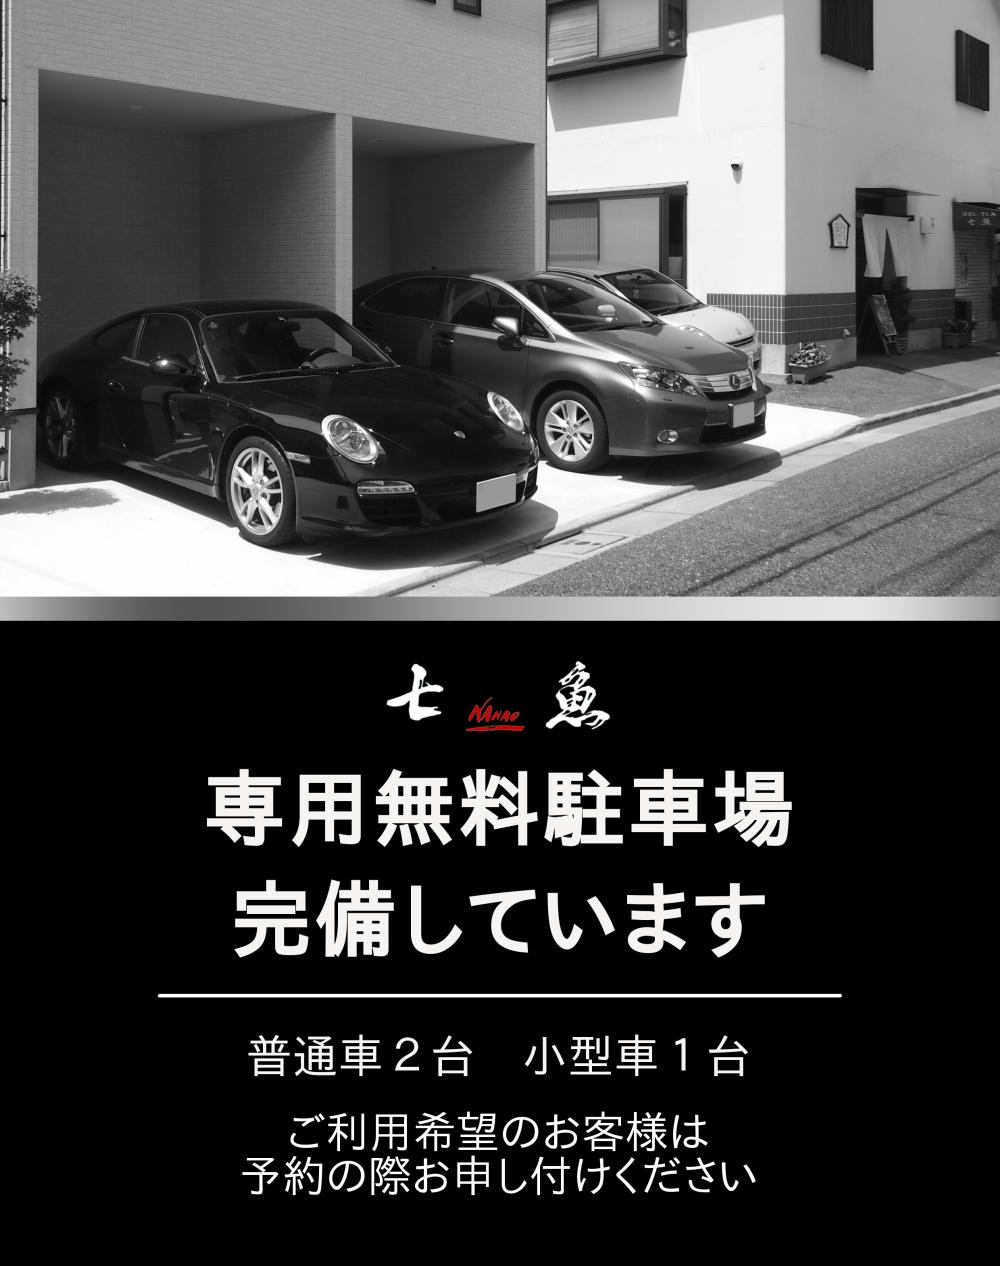 七魚店舗で法事の食事会【駐車場完備】